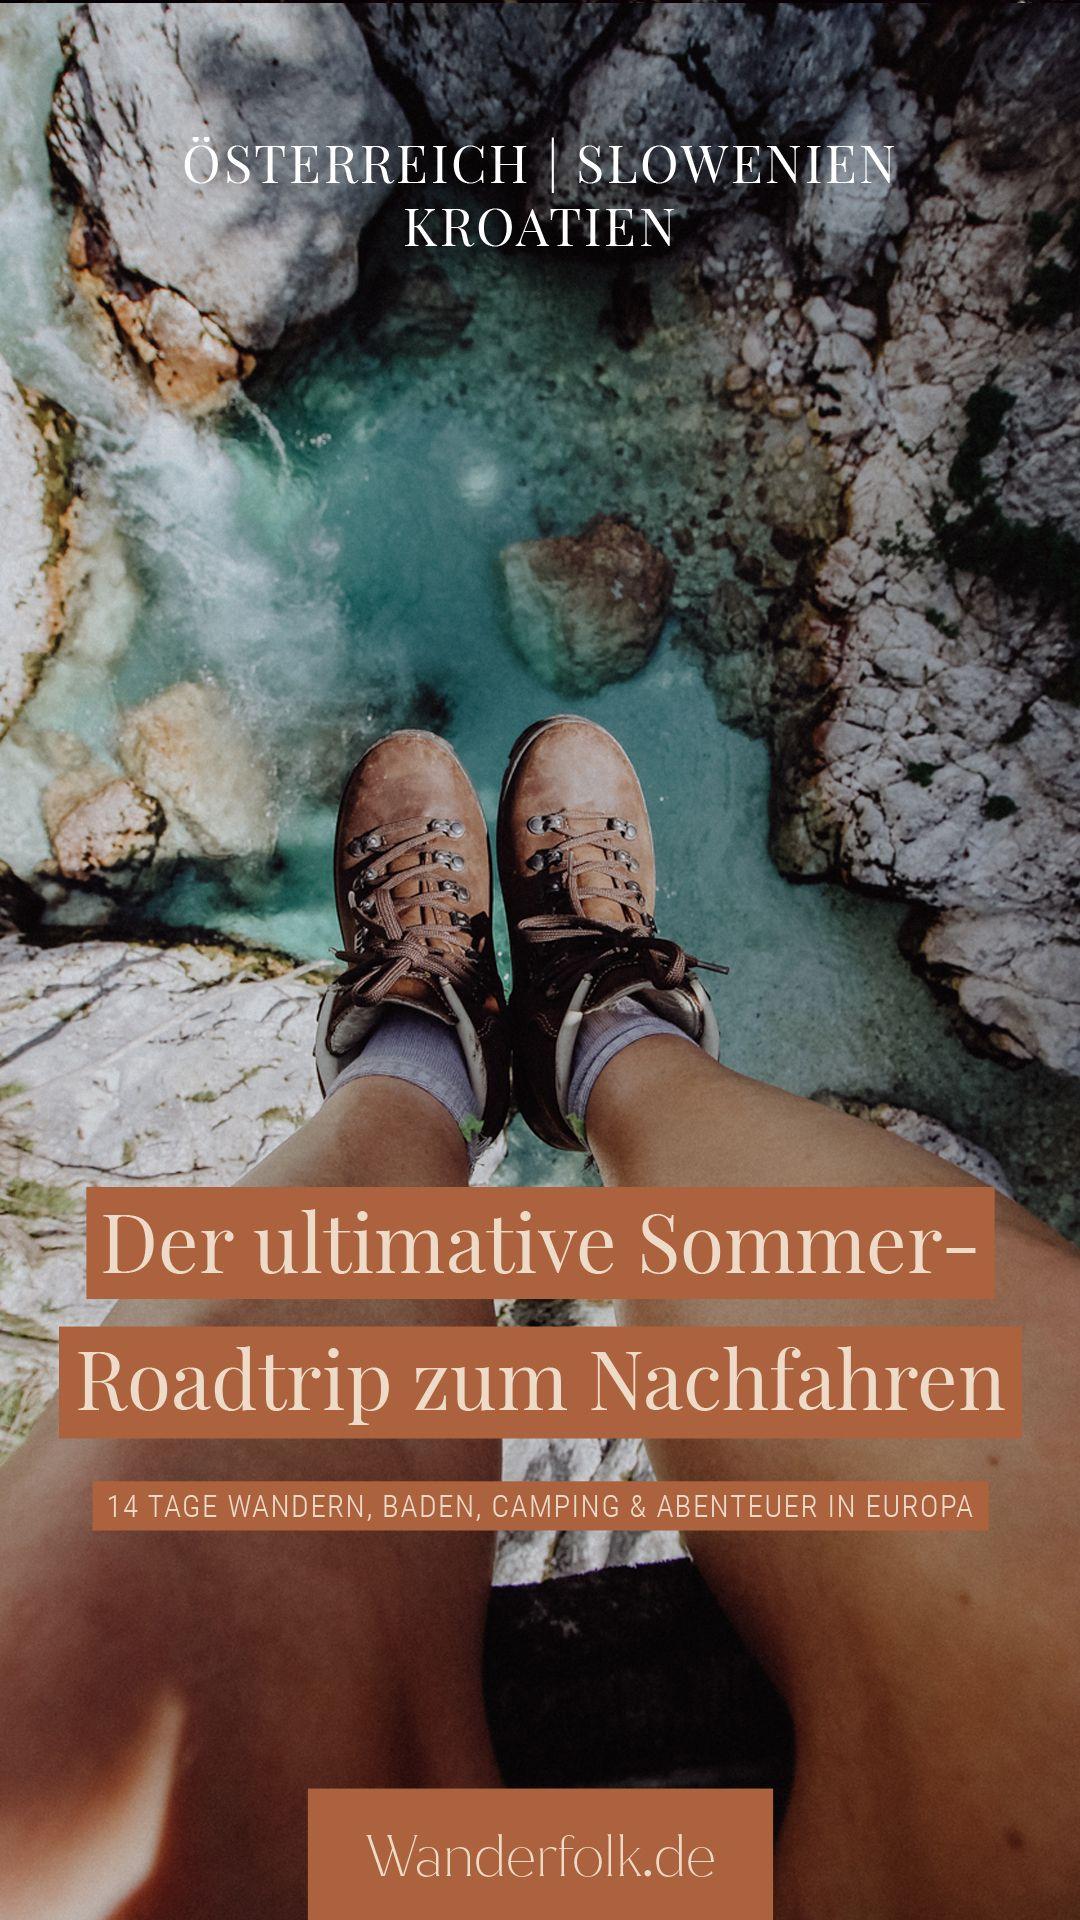 Der ultimative Sommer-Roadtrip in Europa zum Nachfahren